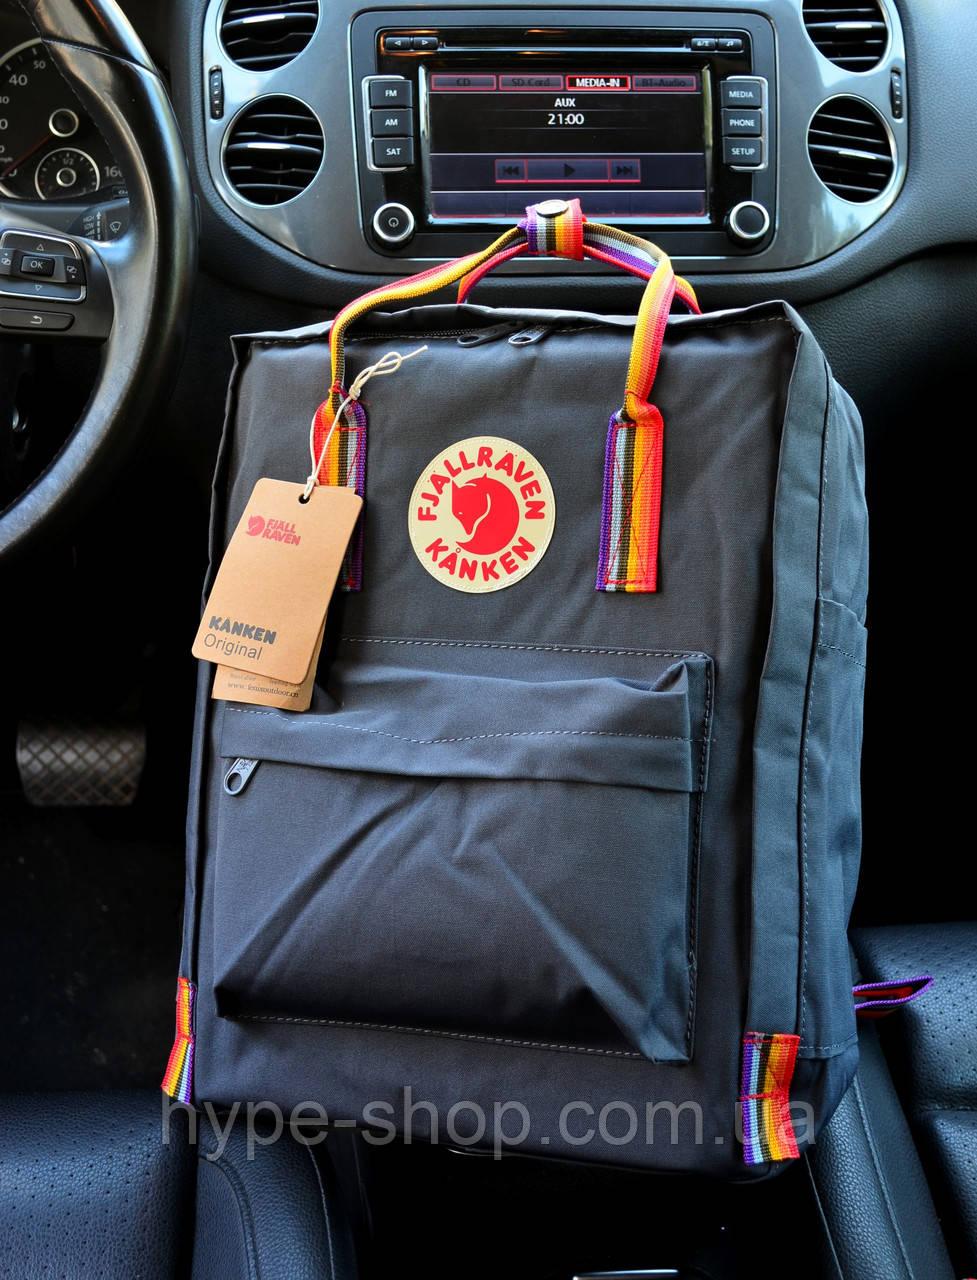 Рюкзак Kanken Classic navy grey rainbow 16 літрів портфель канкен класік сірий